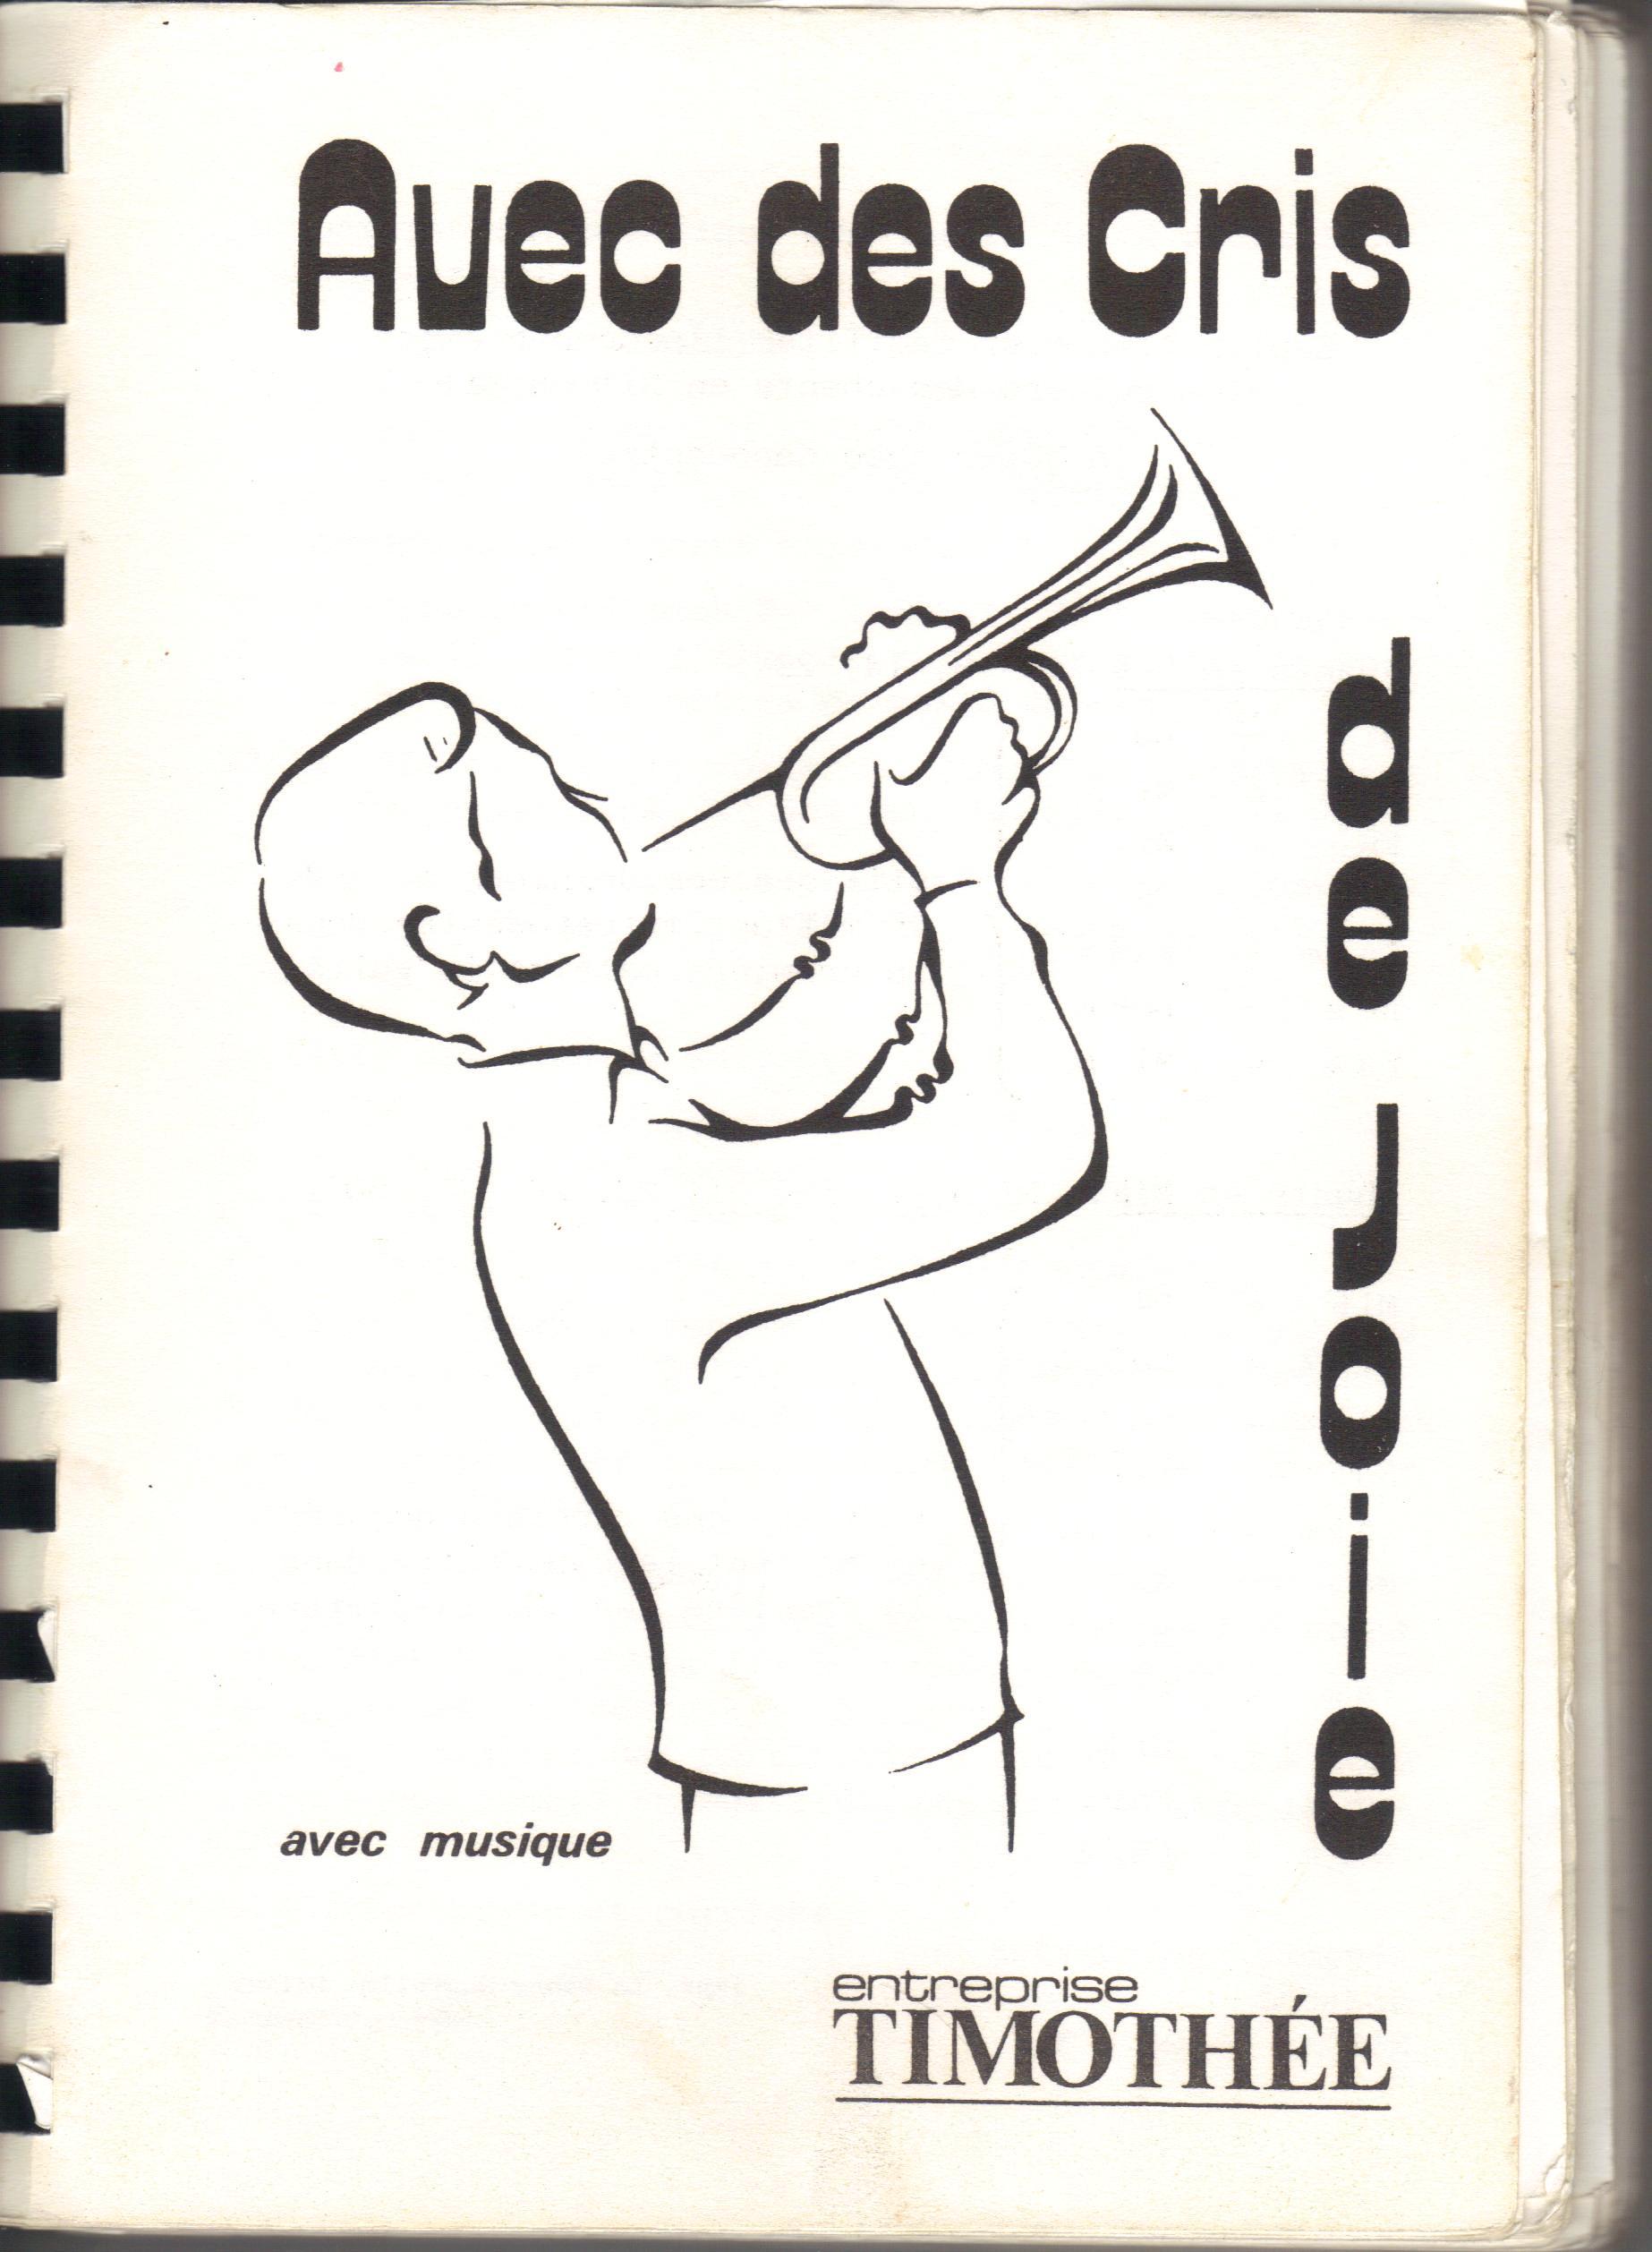 recueil Avec des cris de joie - page de garde 1983 - 4e édition 001